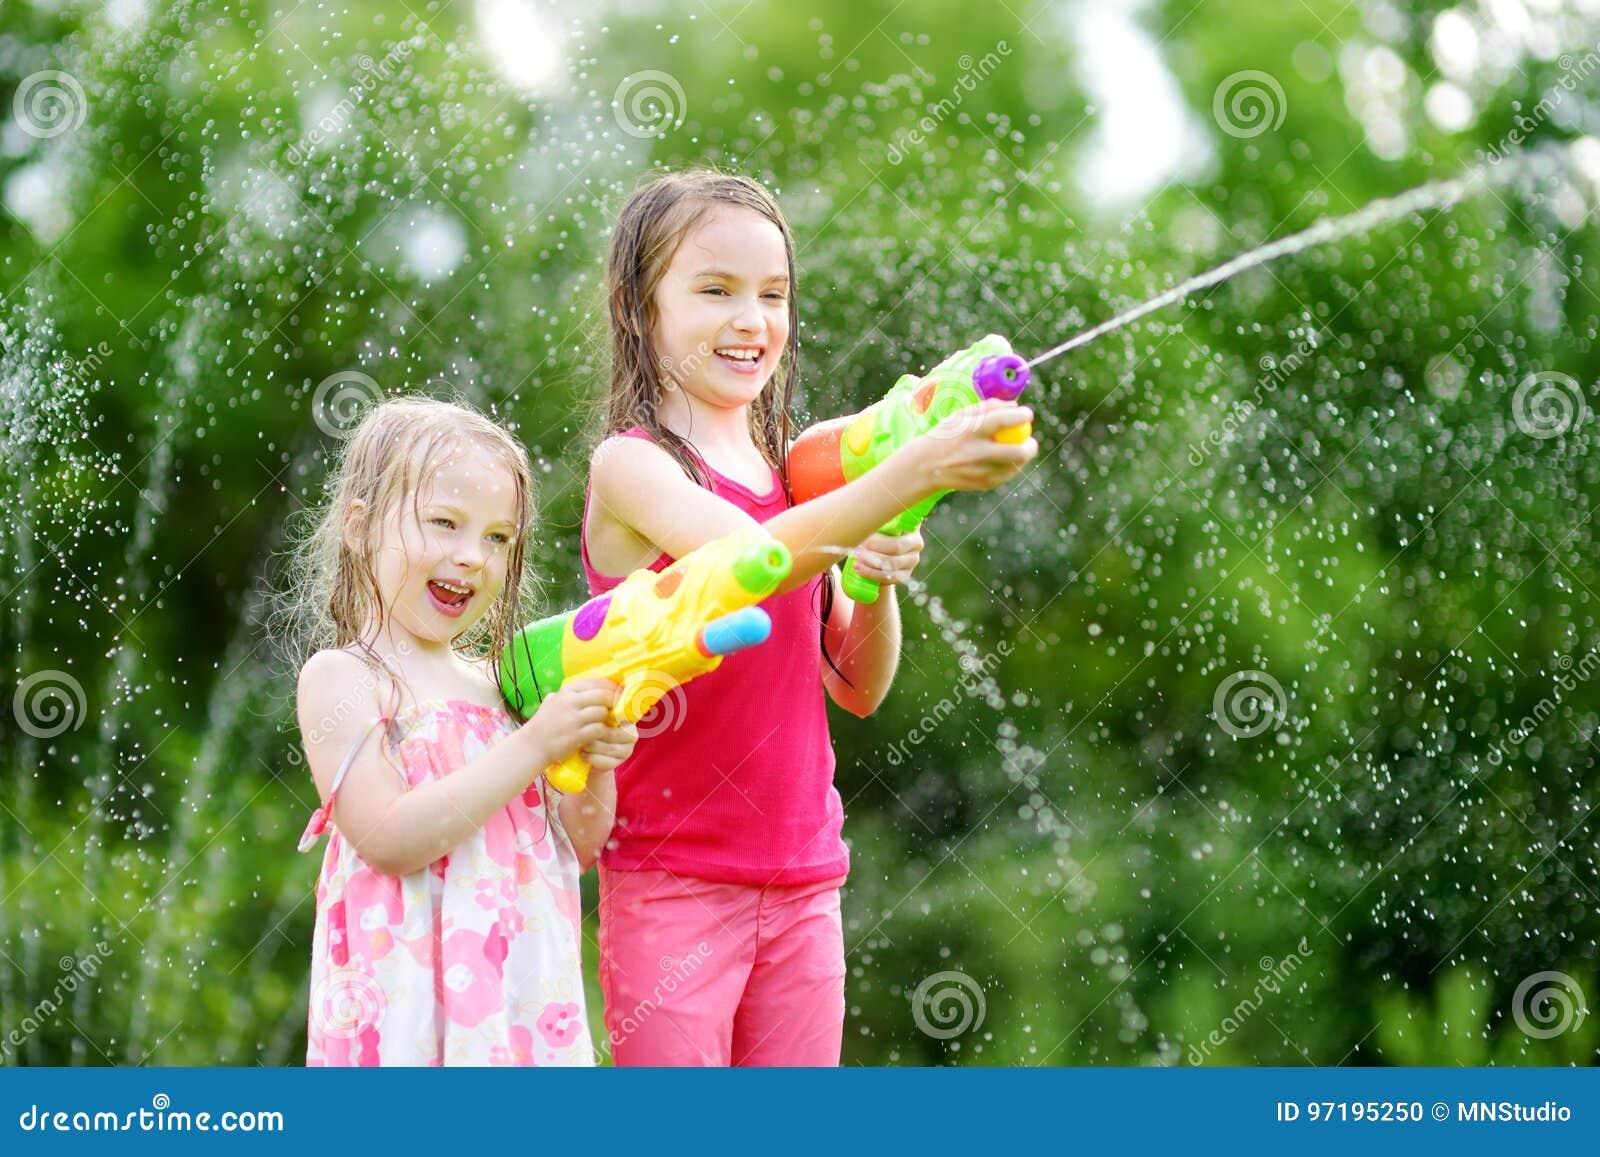 Entzückende kleine Mädchen, die mit Wasserwerfern am heißen Sommertag spielen Nette Kinder, die Spaß mit Wasser draußen haben